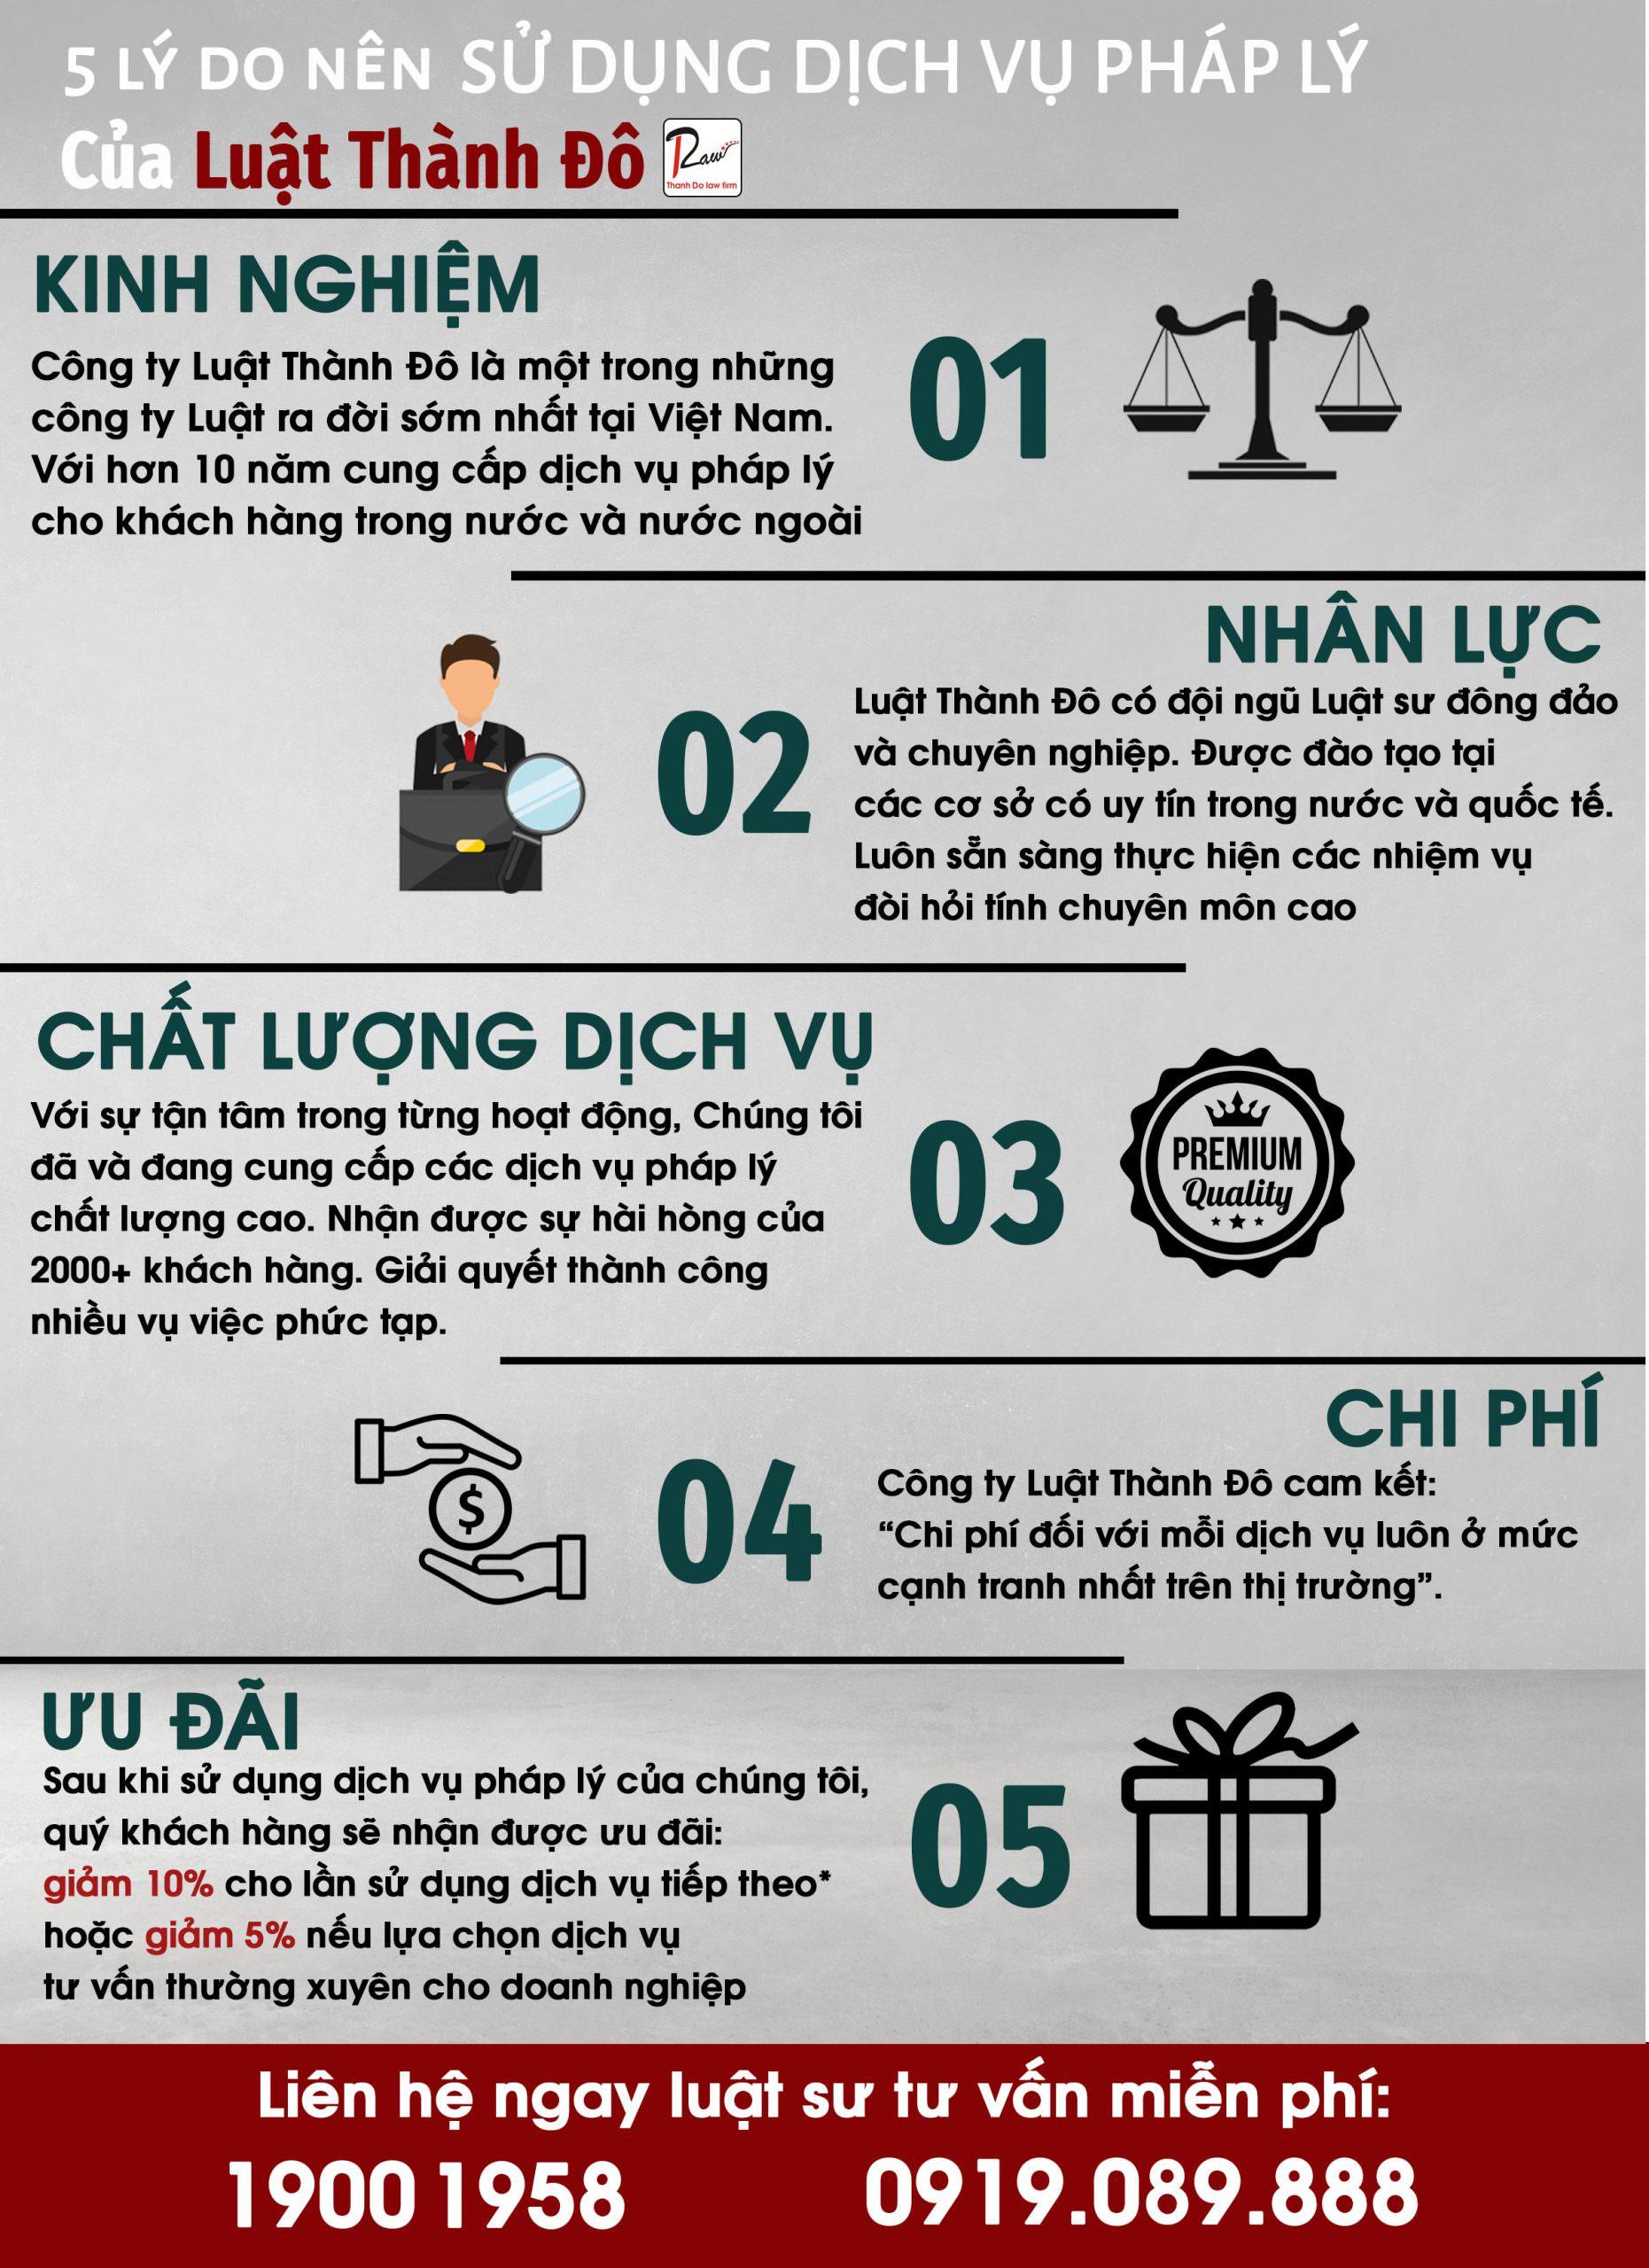 5 lý do nên sử dụng dịch vụ pháp lý của Luật Thành Đô